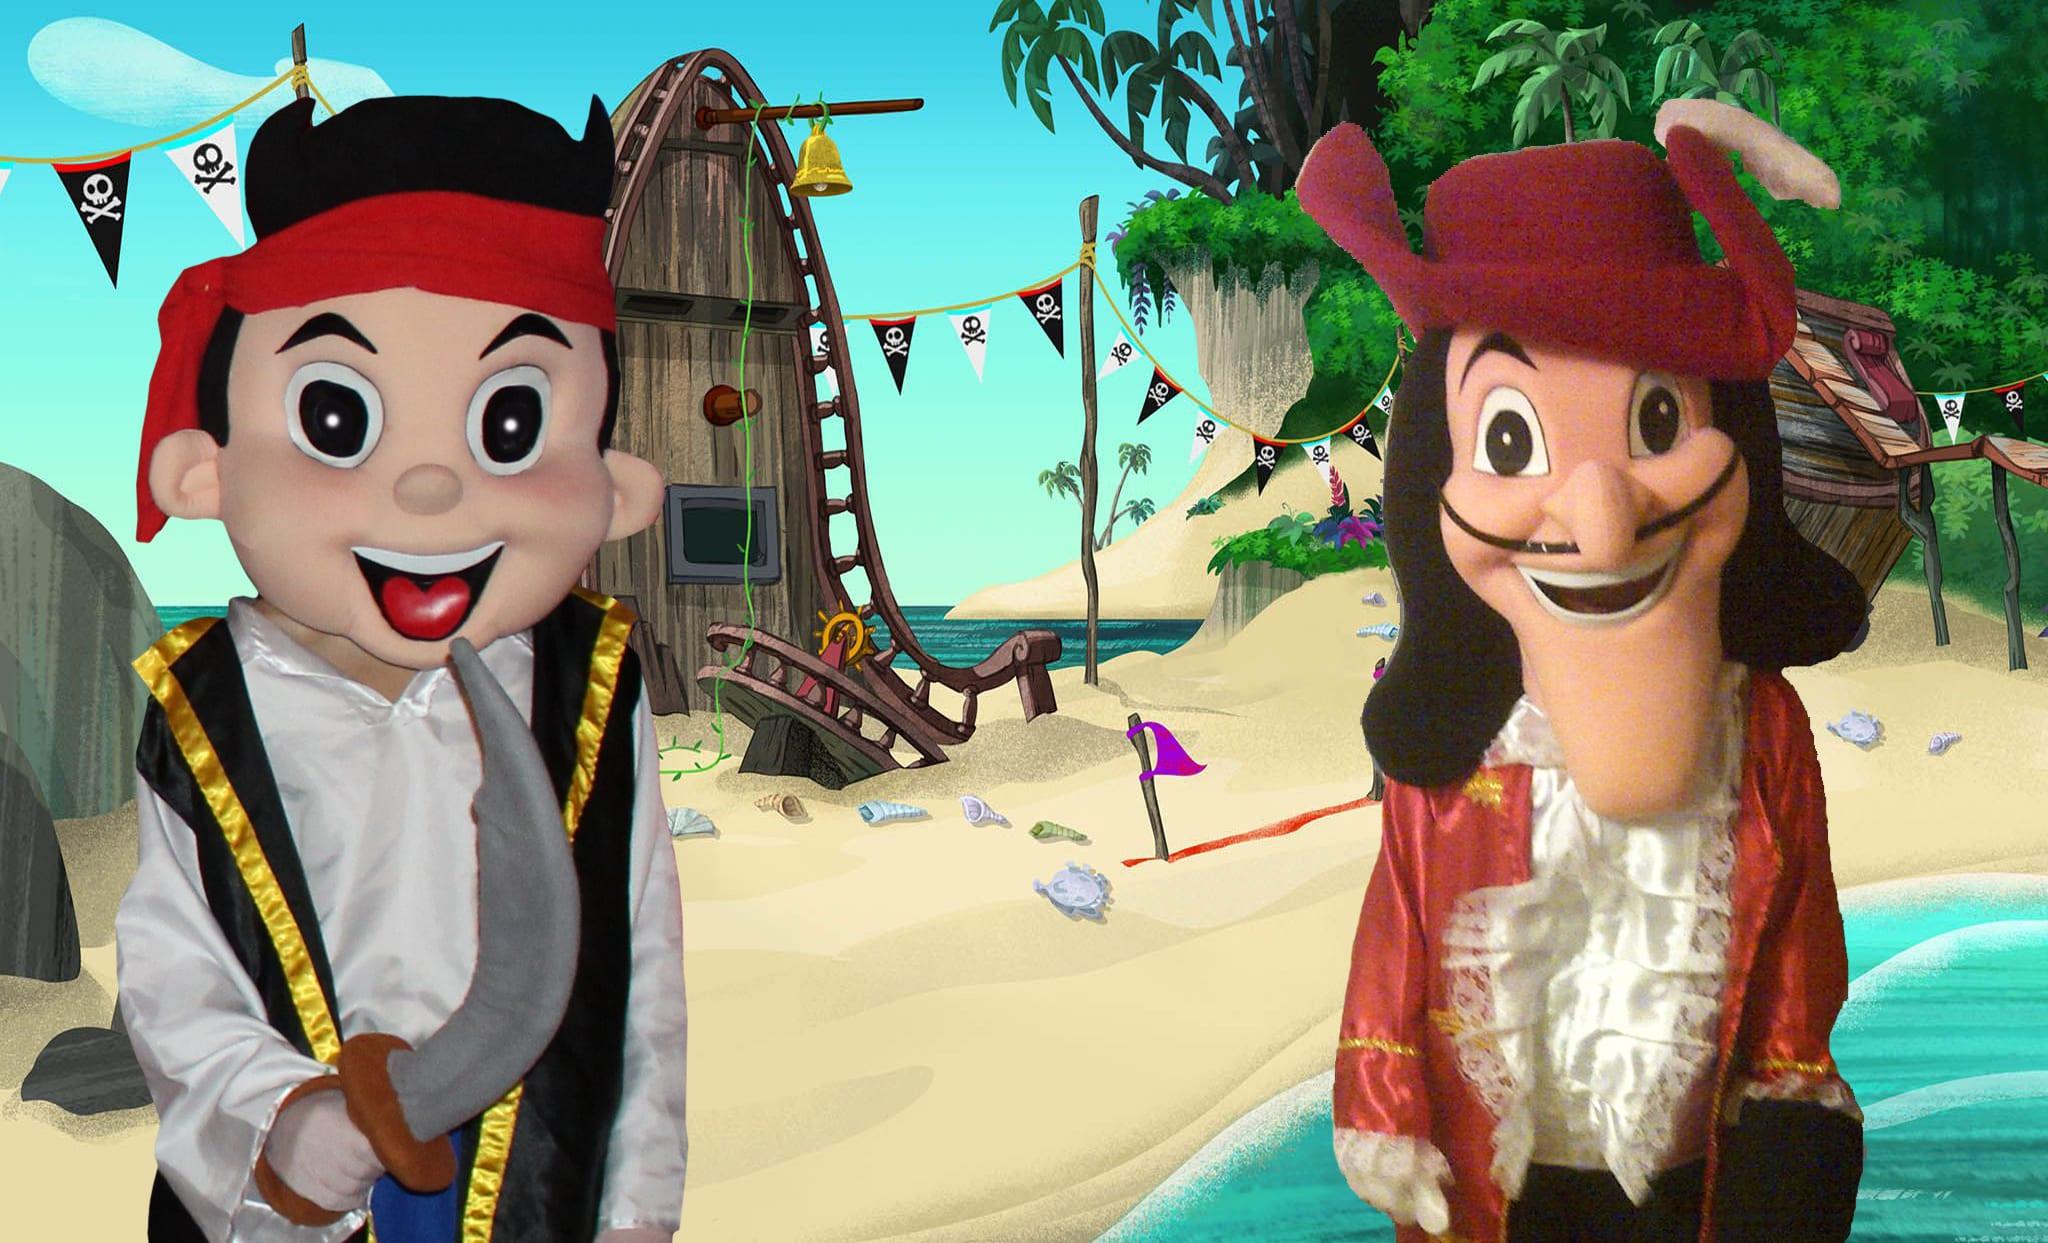 Blake and the Neverland Pirates